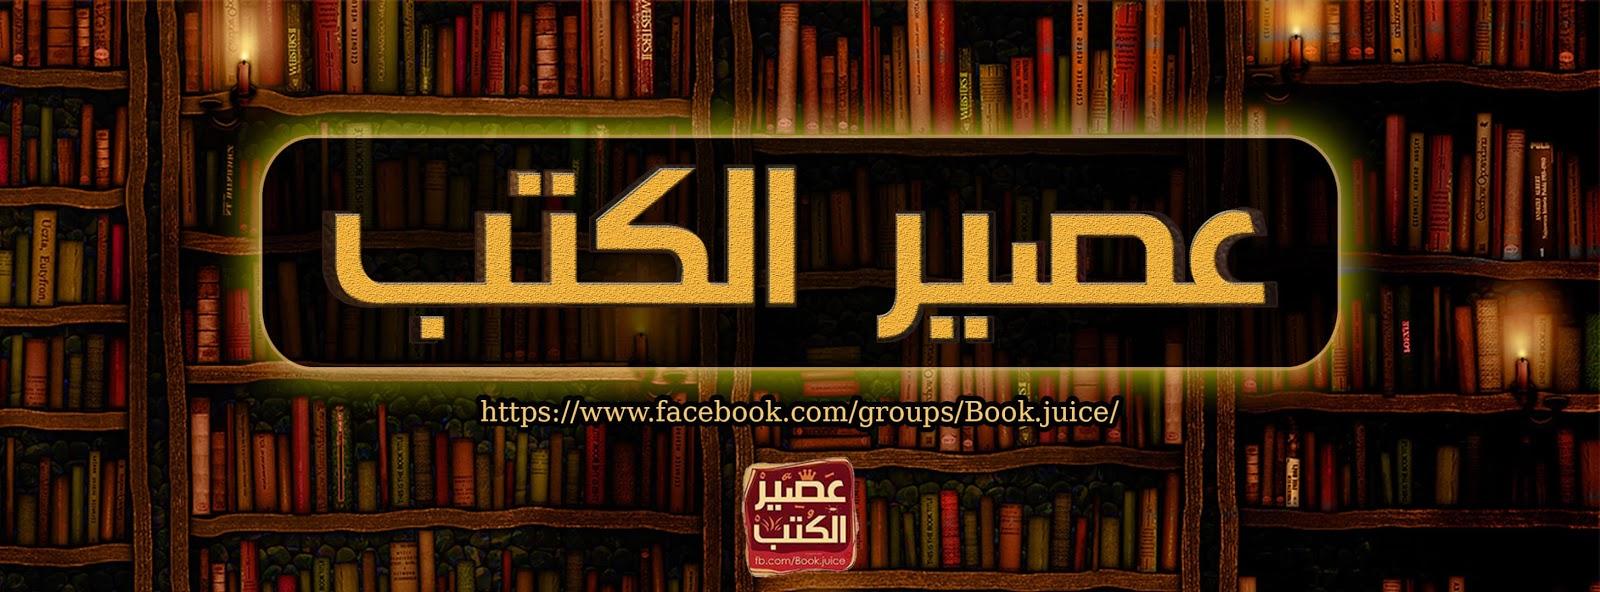 مواقع عريية للكتب , موقع عصير الكتب تحميل كتب عربية